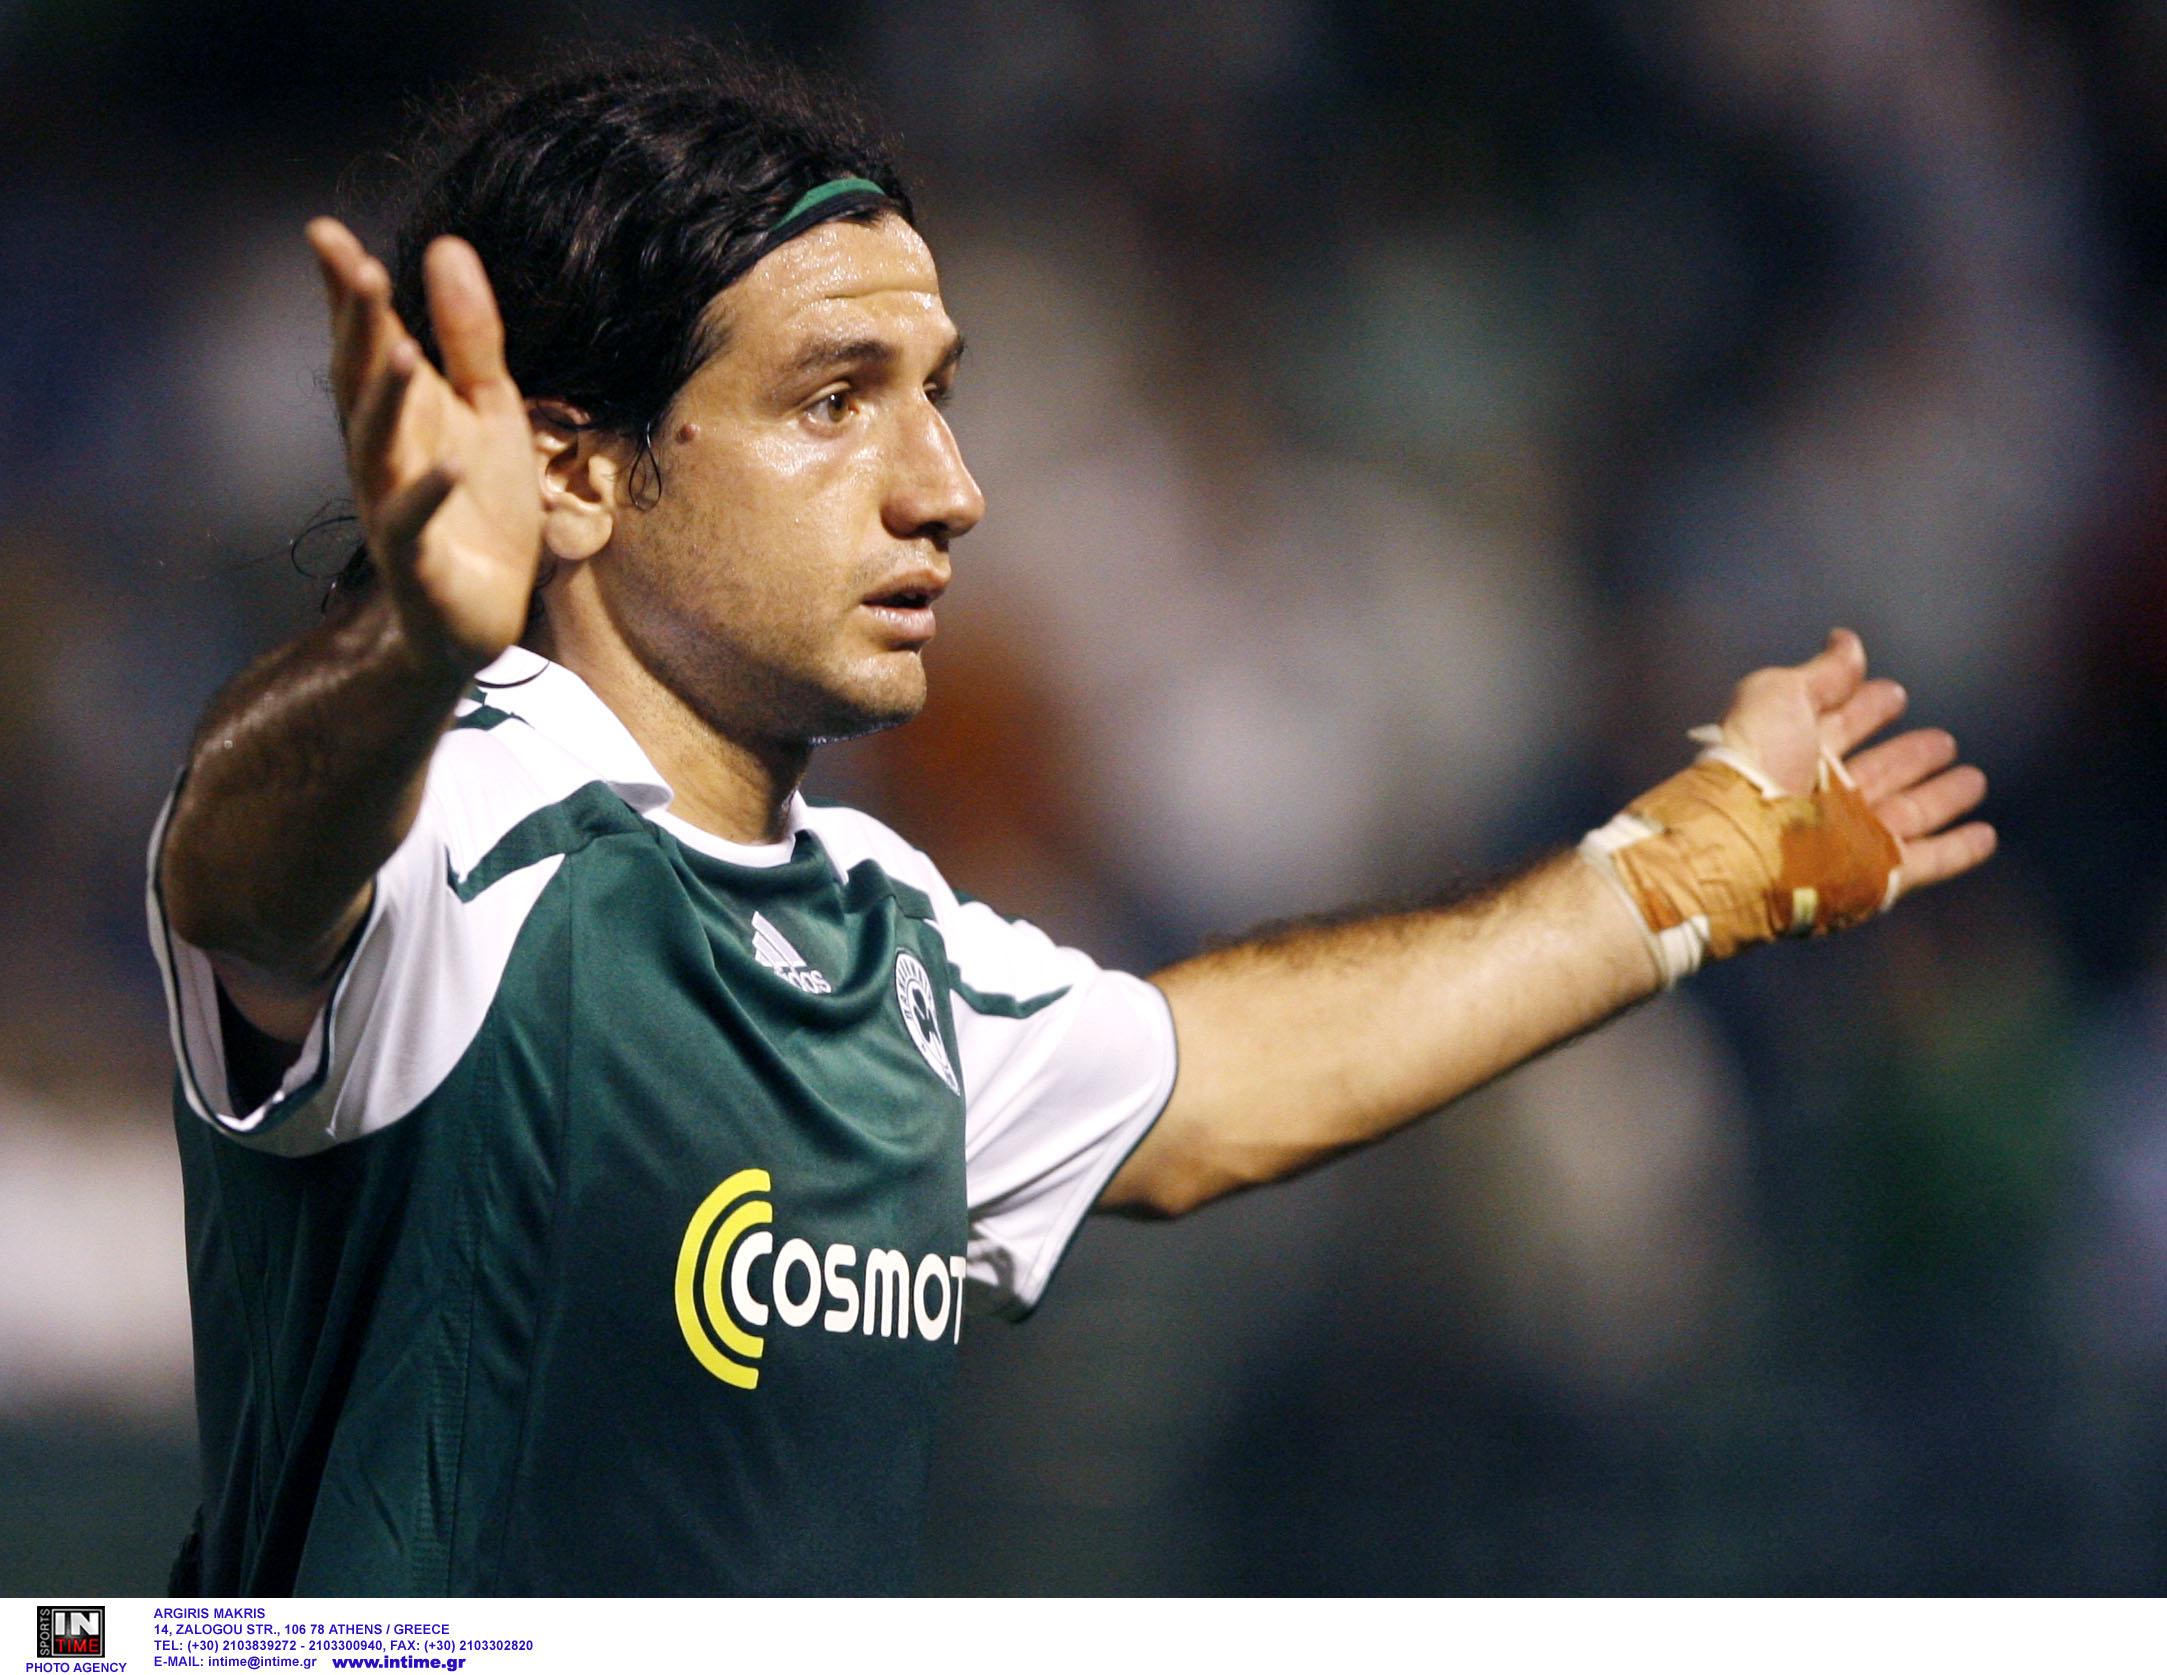 Ο γιος Αργεντίνου πρώην παίκτη του Παναθηναϊκού ήρθε στην Ελλάδα για να παίξει στον Θεσπρωτό